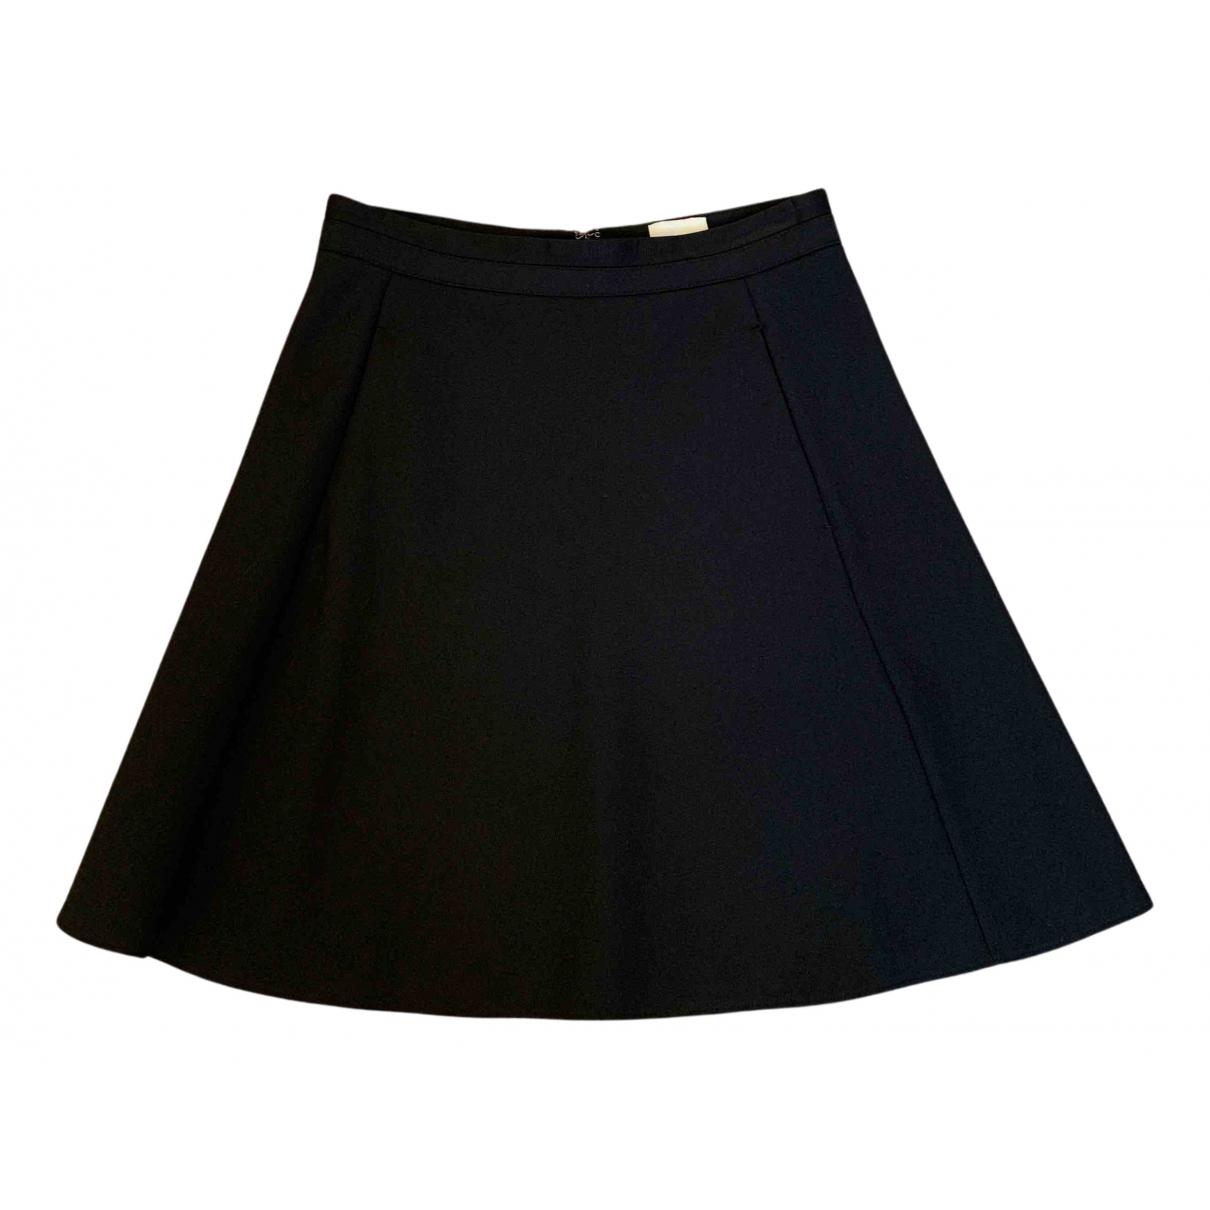 Reiss N Black skirt for Women 8 UK